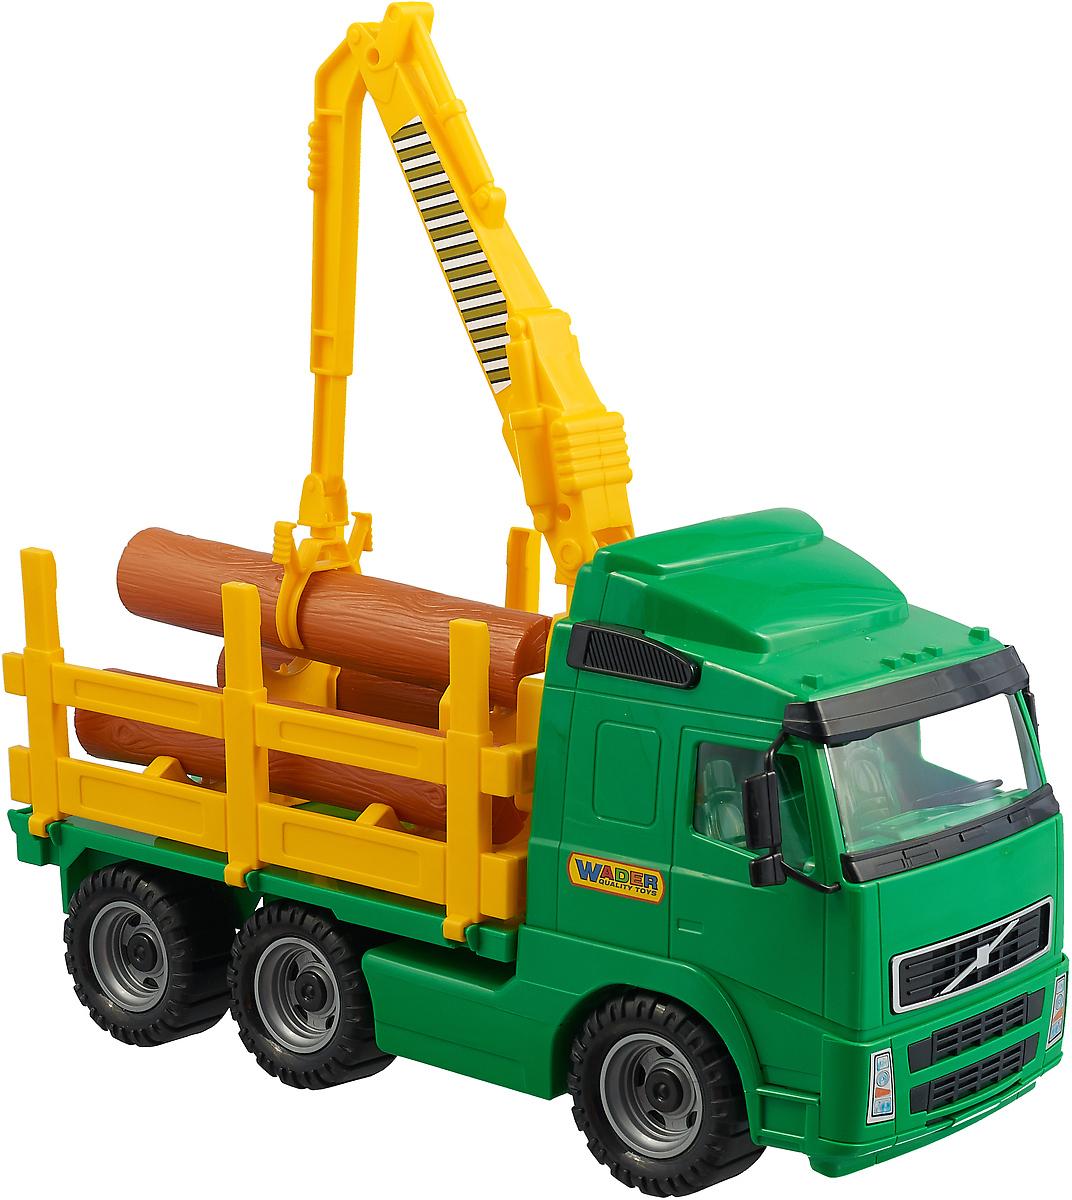 Полесье Лесовоз Volvo цвет зеленый желтый купальник cornette цвет желтый зеленый